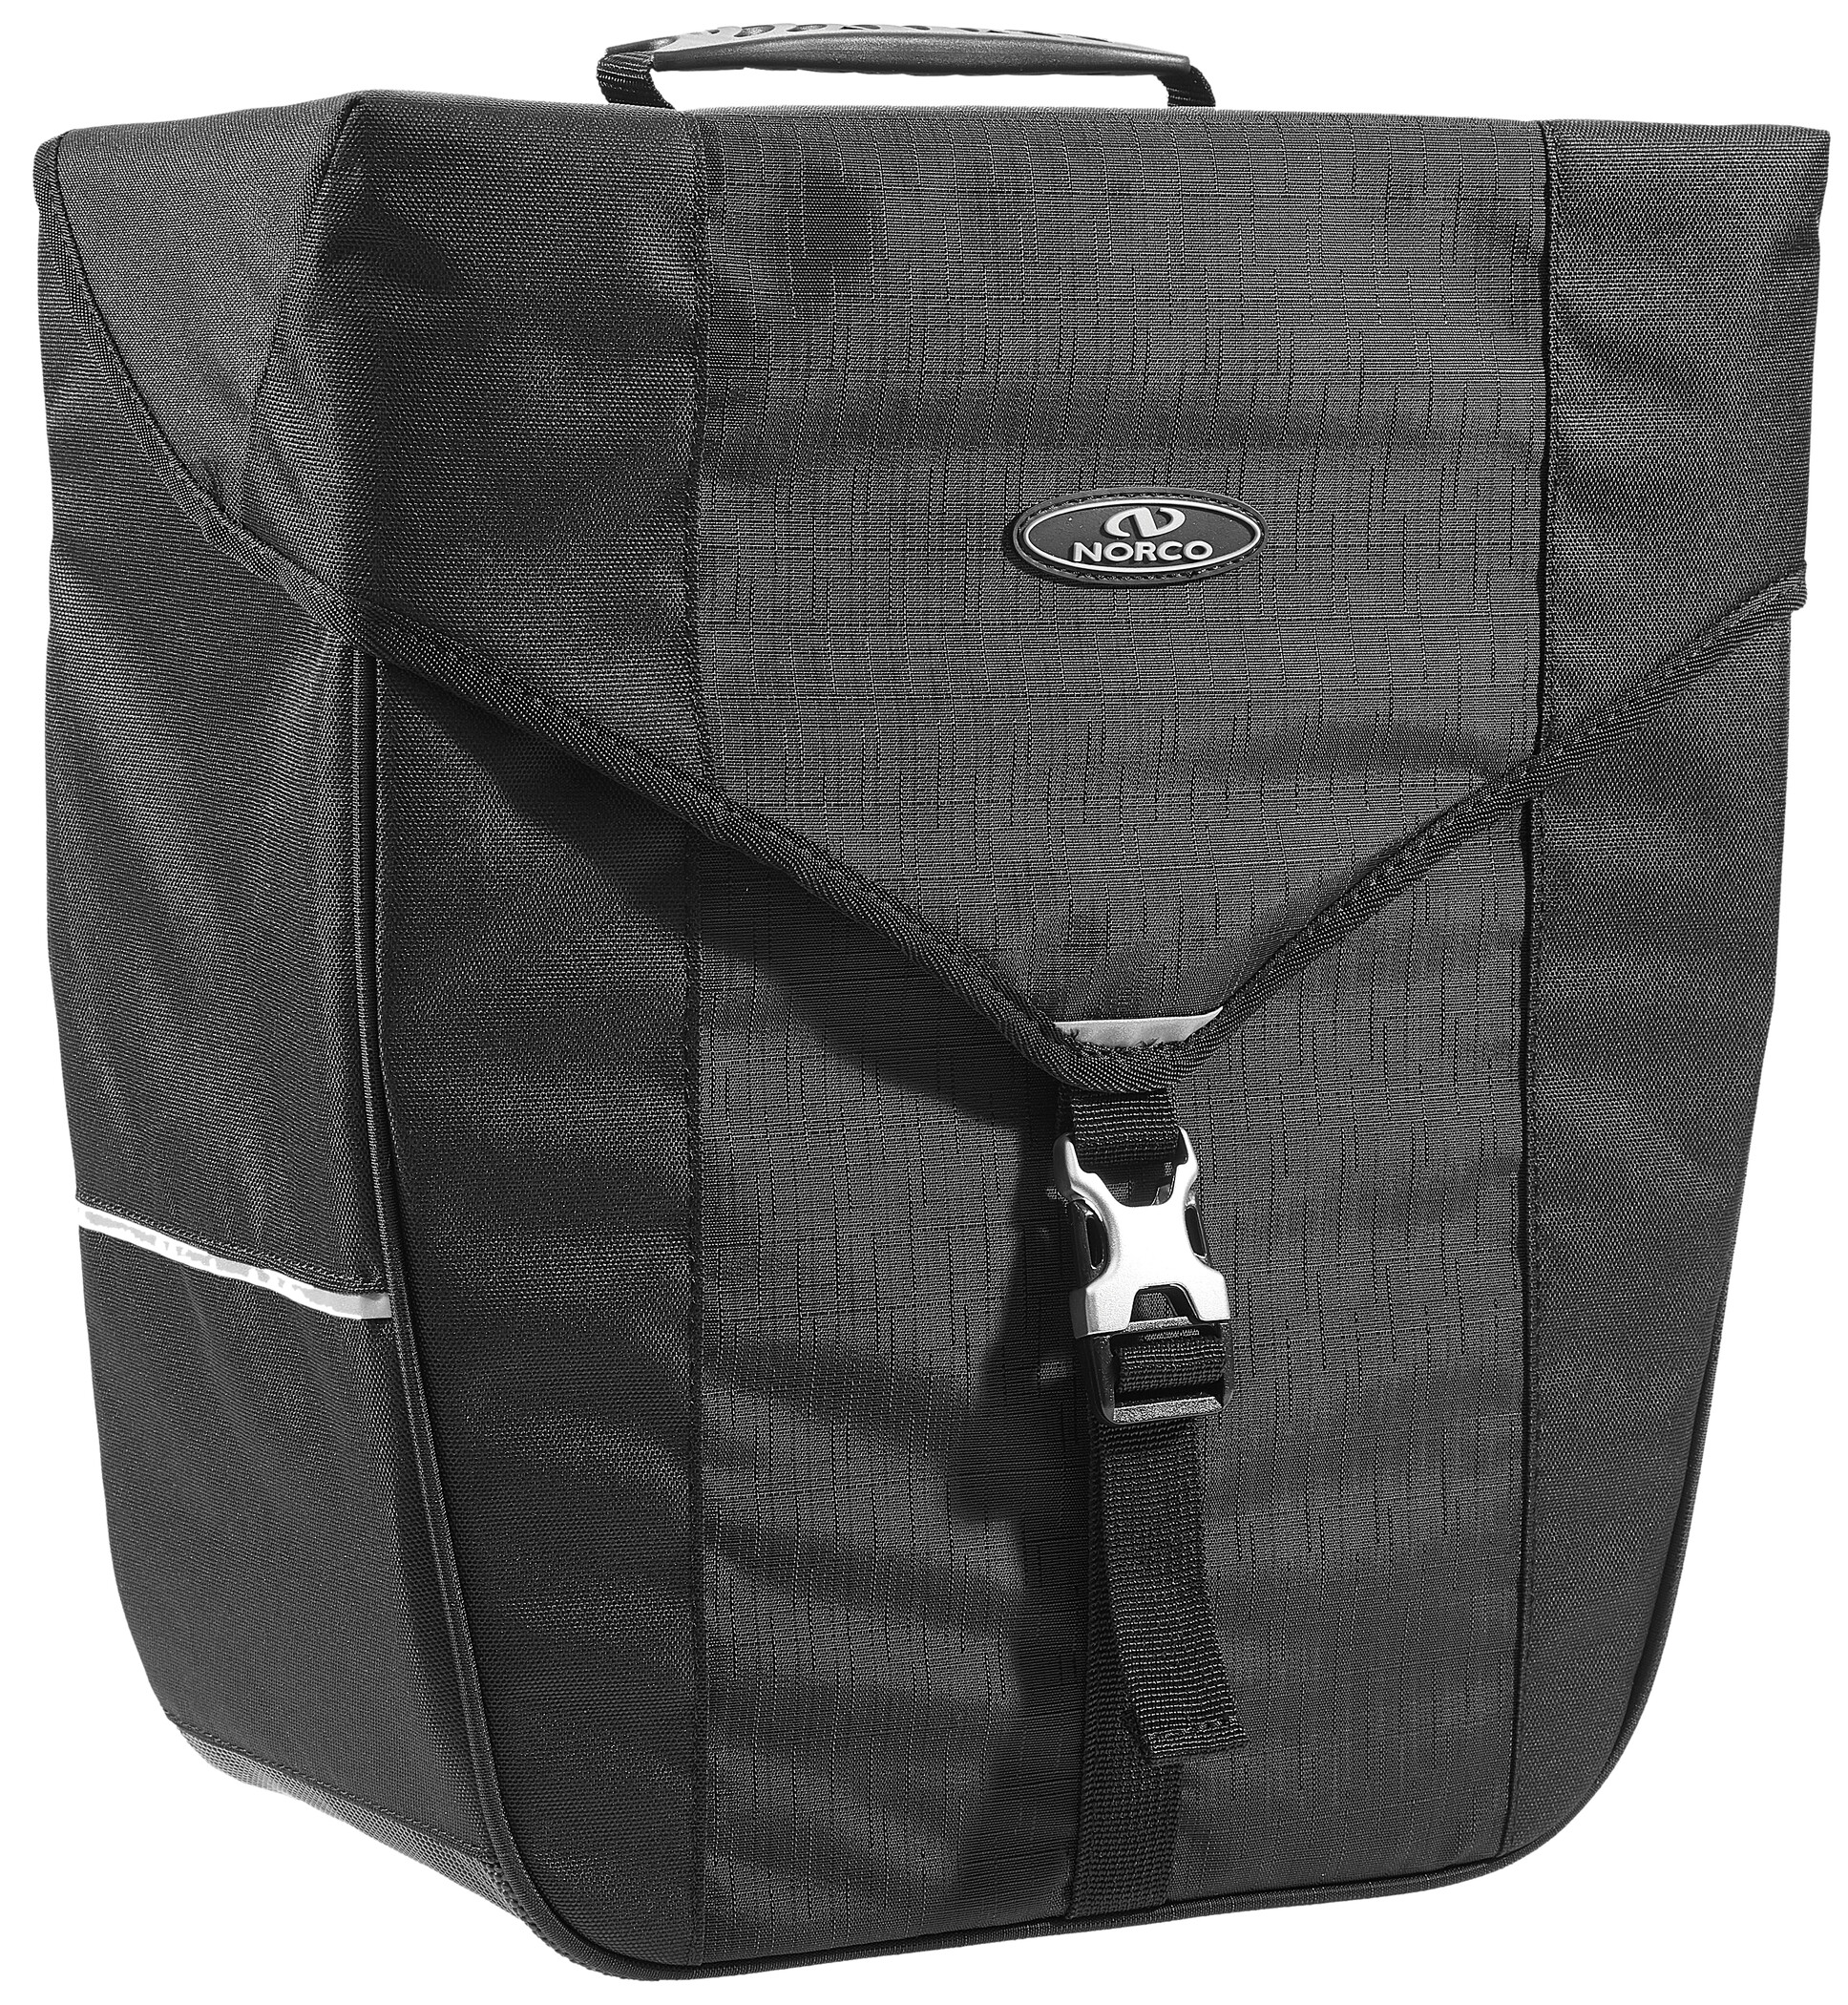 Norco Bandon Cykeltaske, black   Tasker til bagagebærer